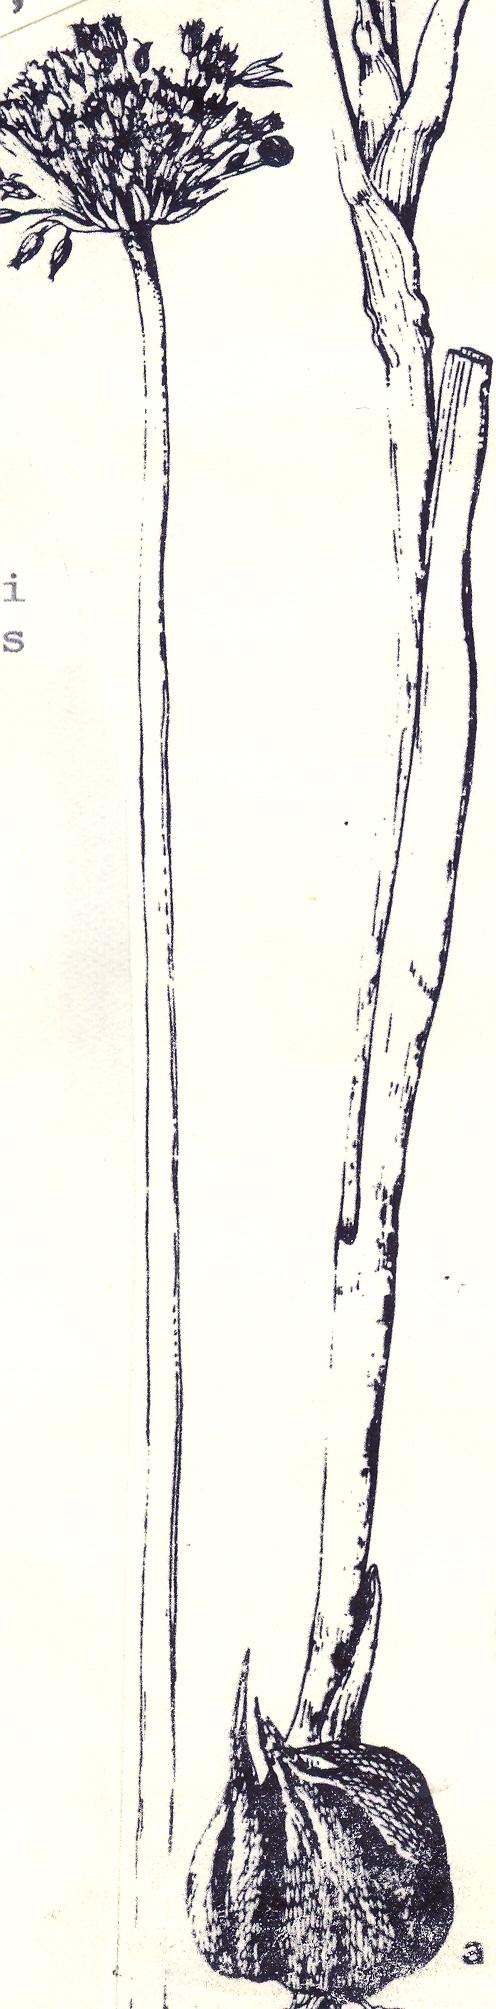 Allium%20baytopiorum.jpg